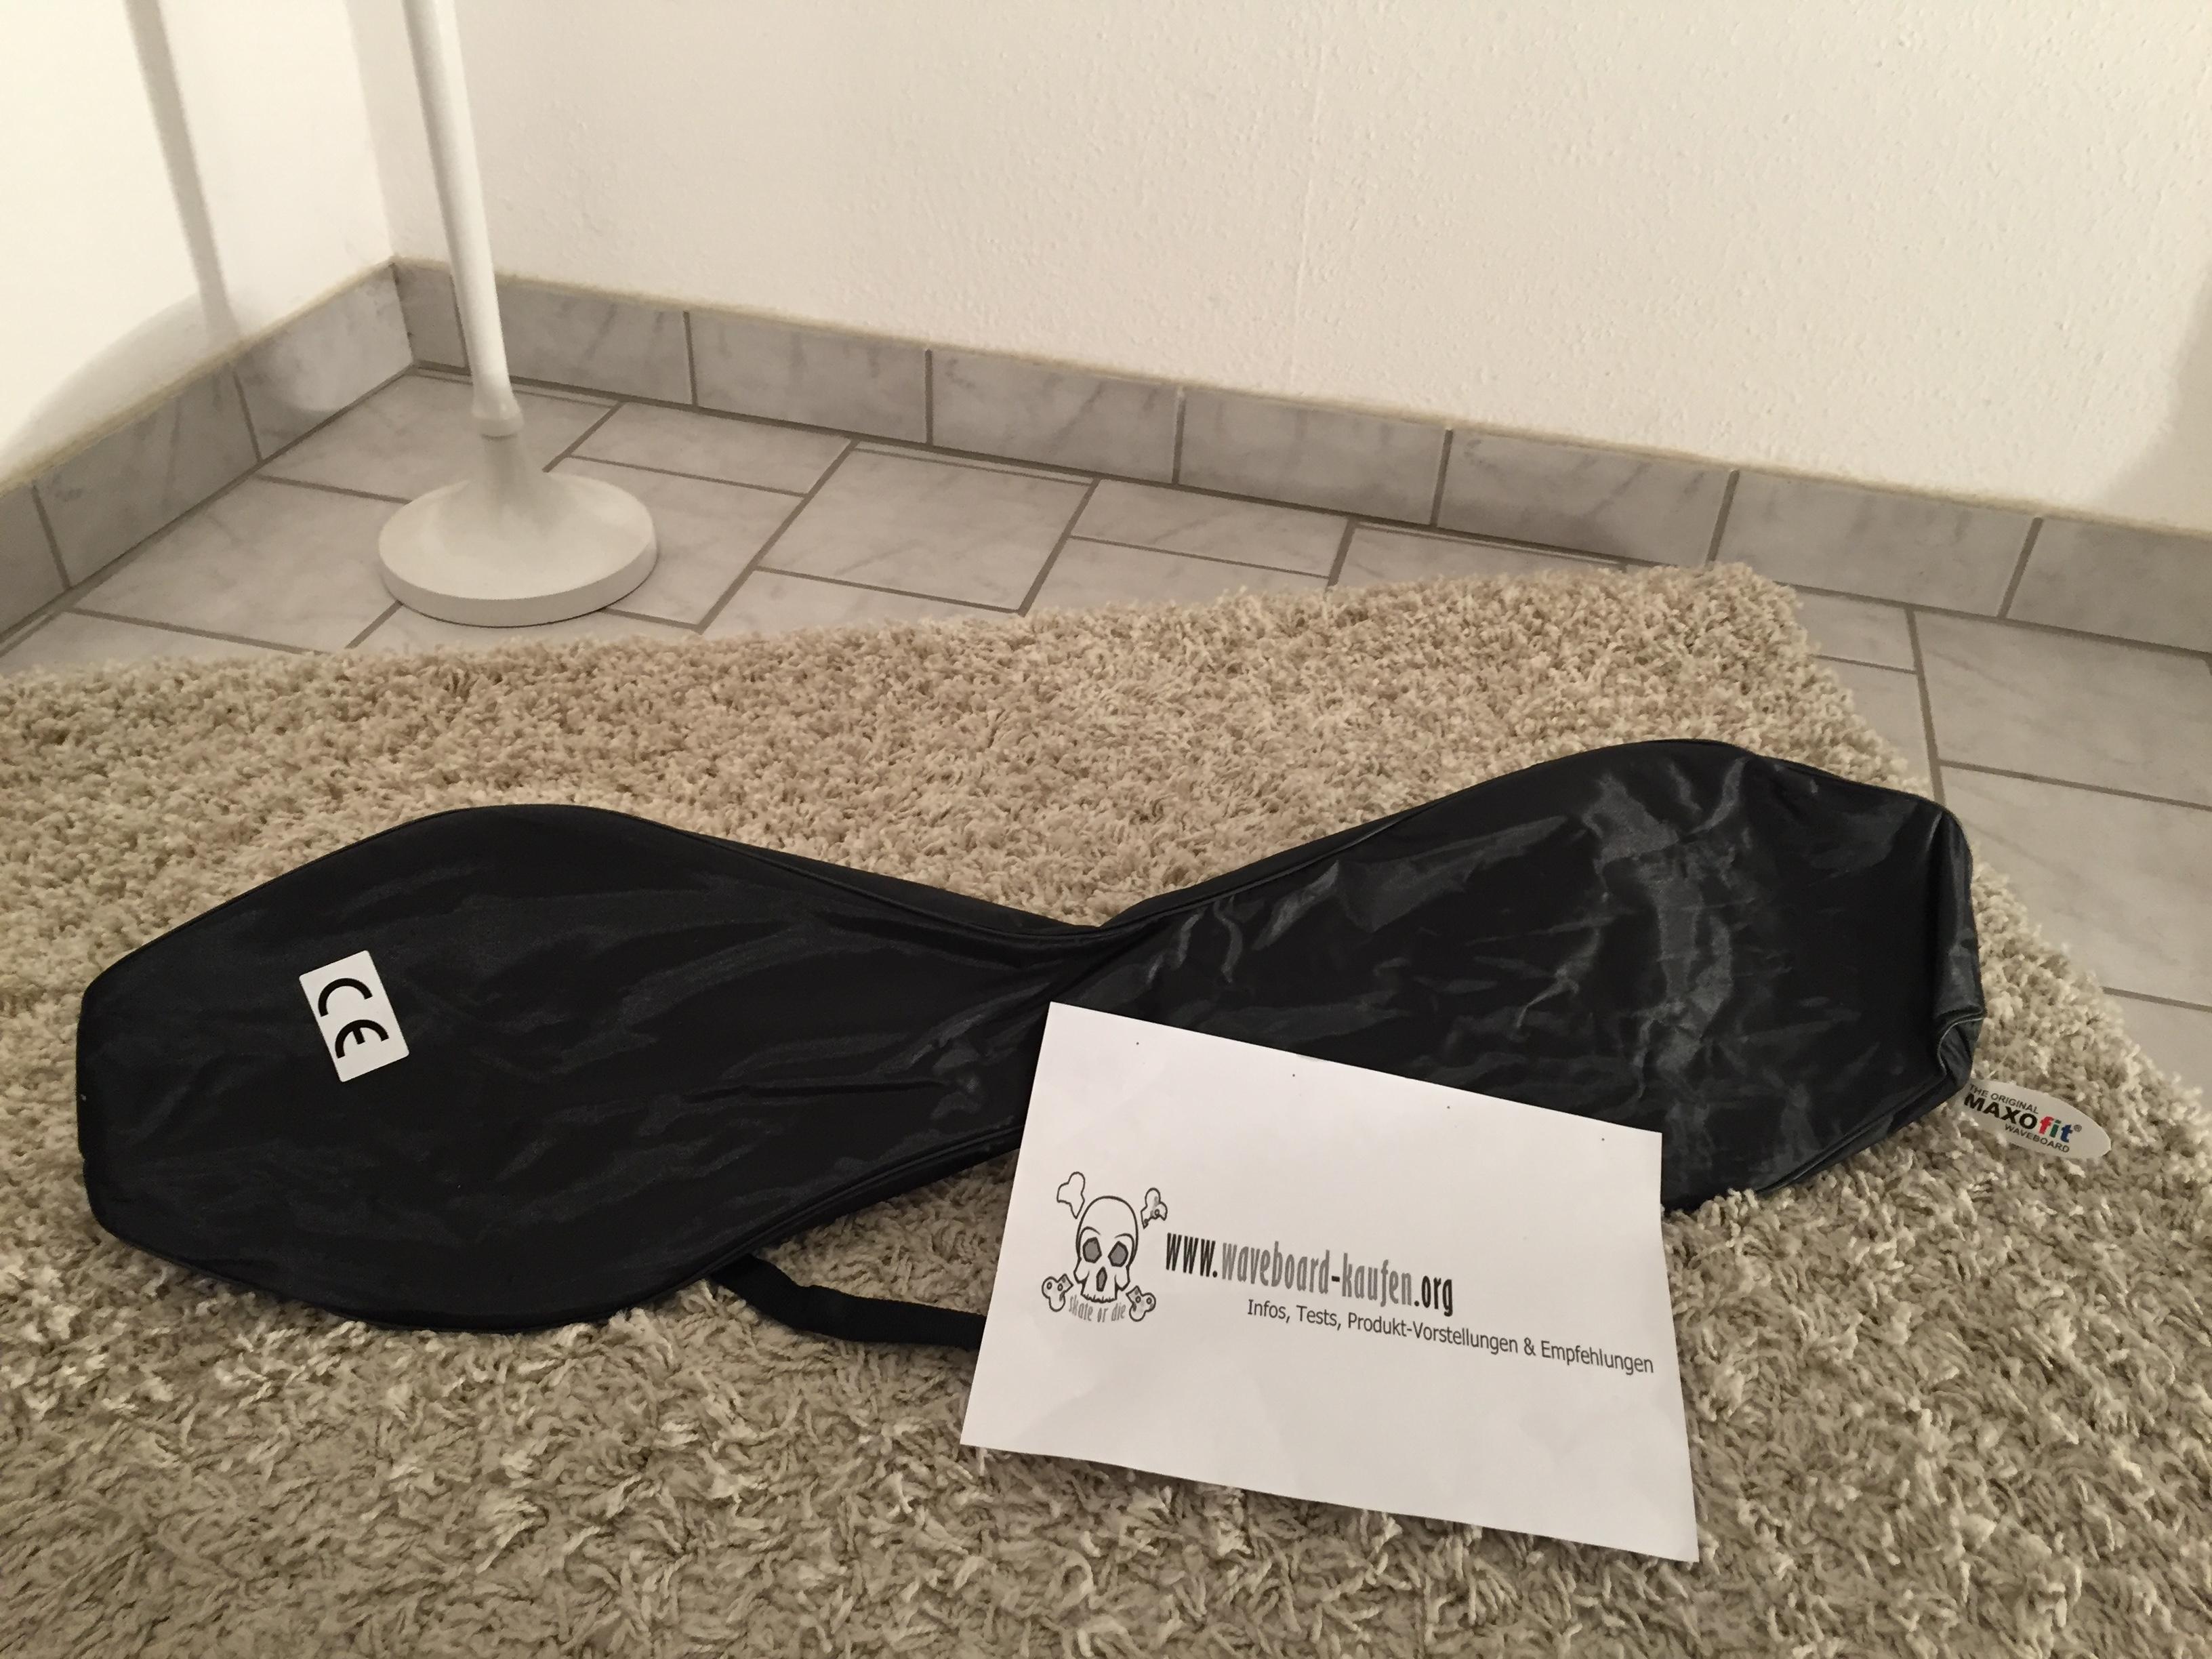 Das MAXOfit Pro XL eingepackt in der mitgelieferten Tragetasche  (Deckseite zu sehen)